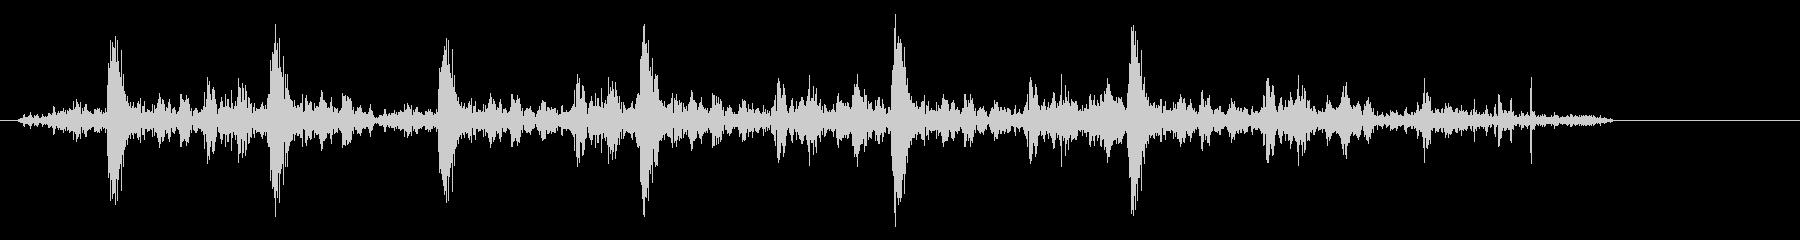 ダダダダッ (連射型の銃声音)の未再生の波形